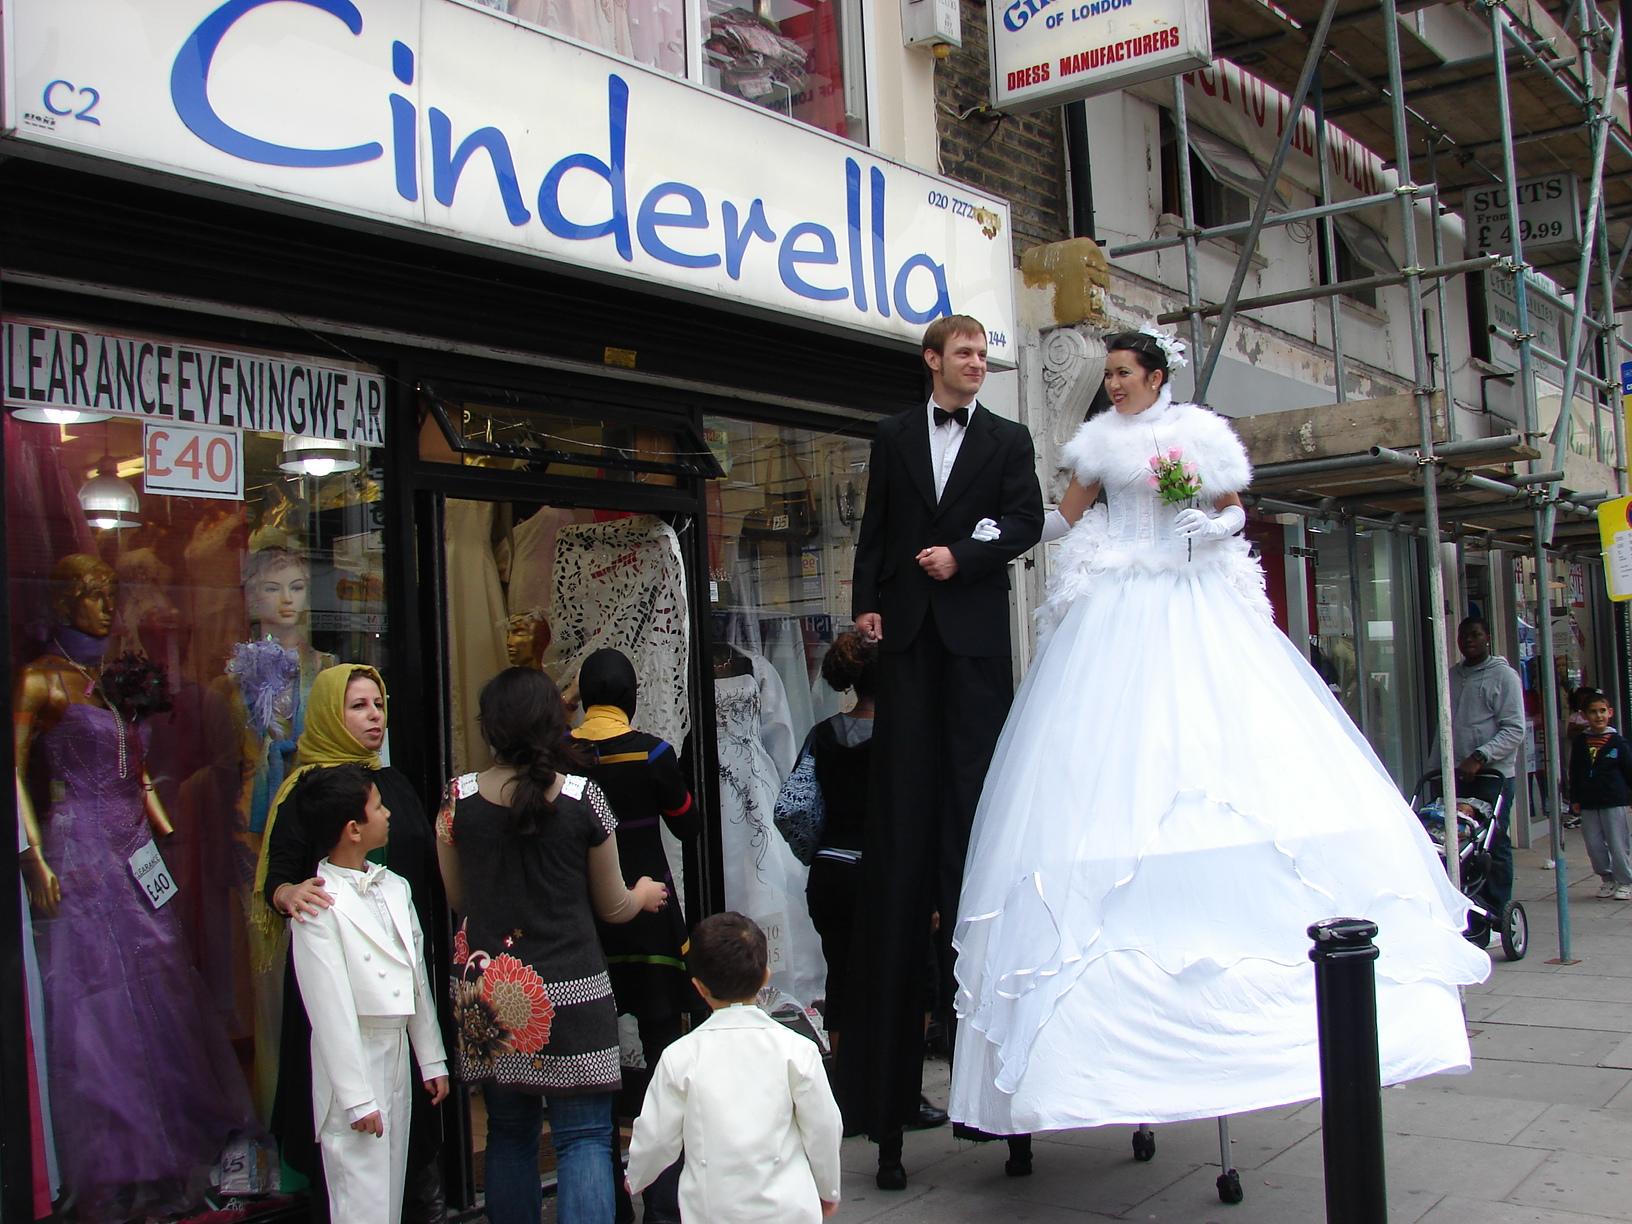 Stiltwalkers - Bride & Groom